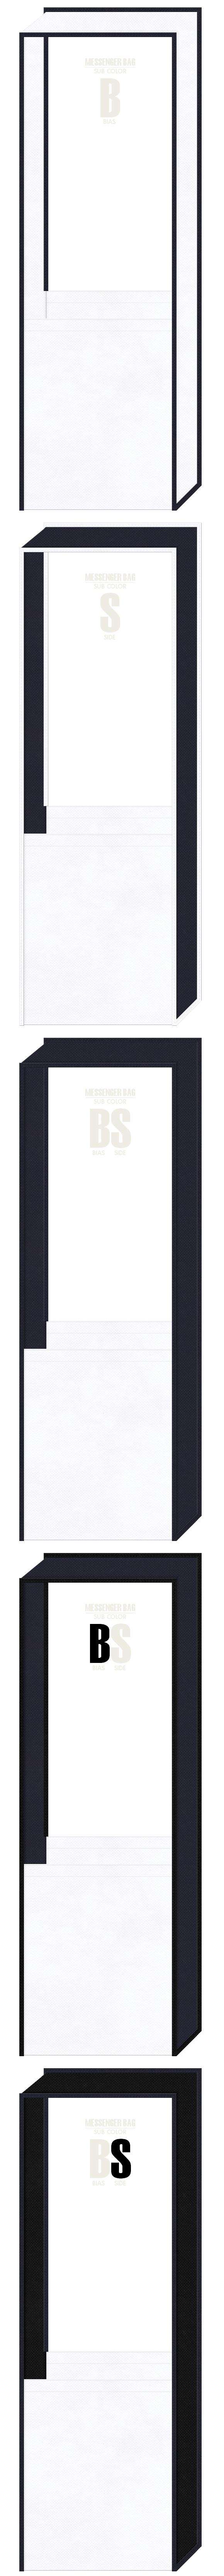 スポーツイベントにお奨め:白色・濃紺色・黒色の3色を使用した、不織布メッセンジャーバッグのデザイン